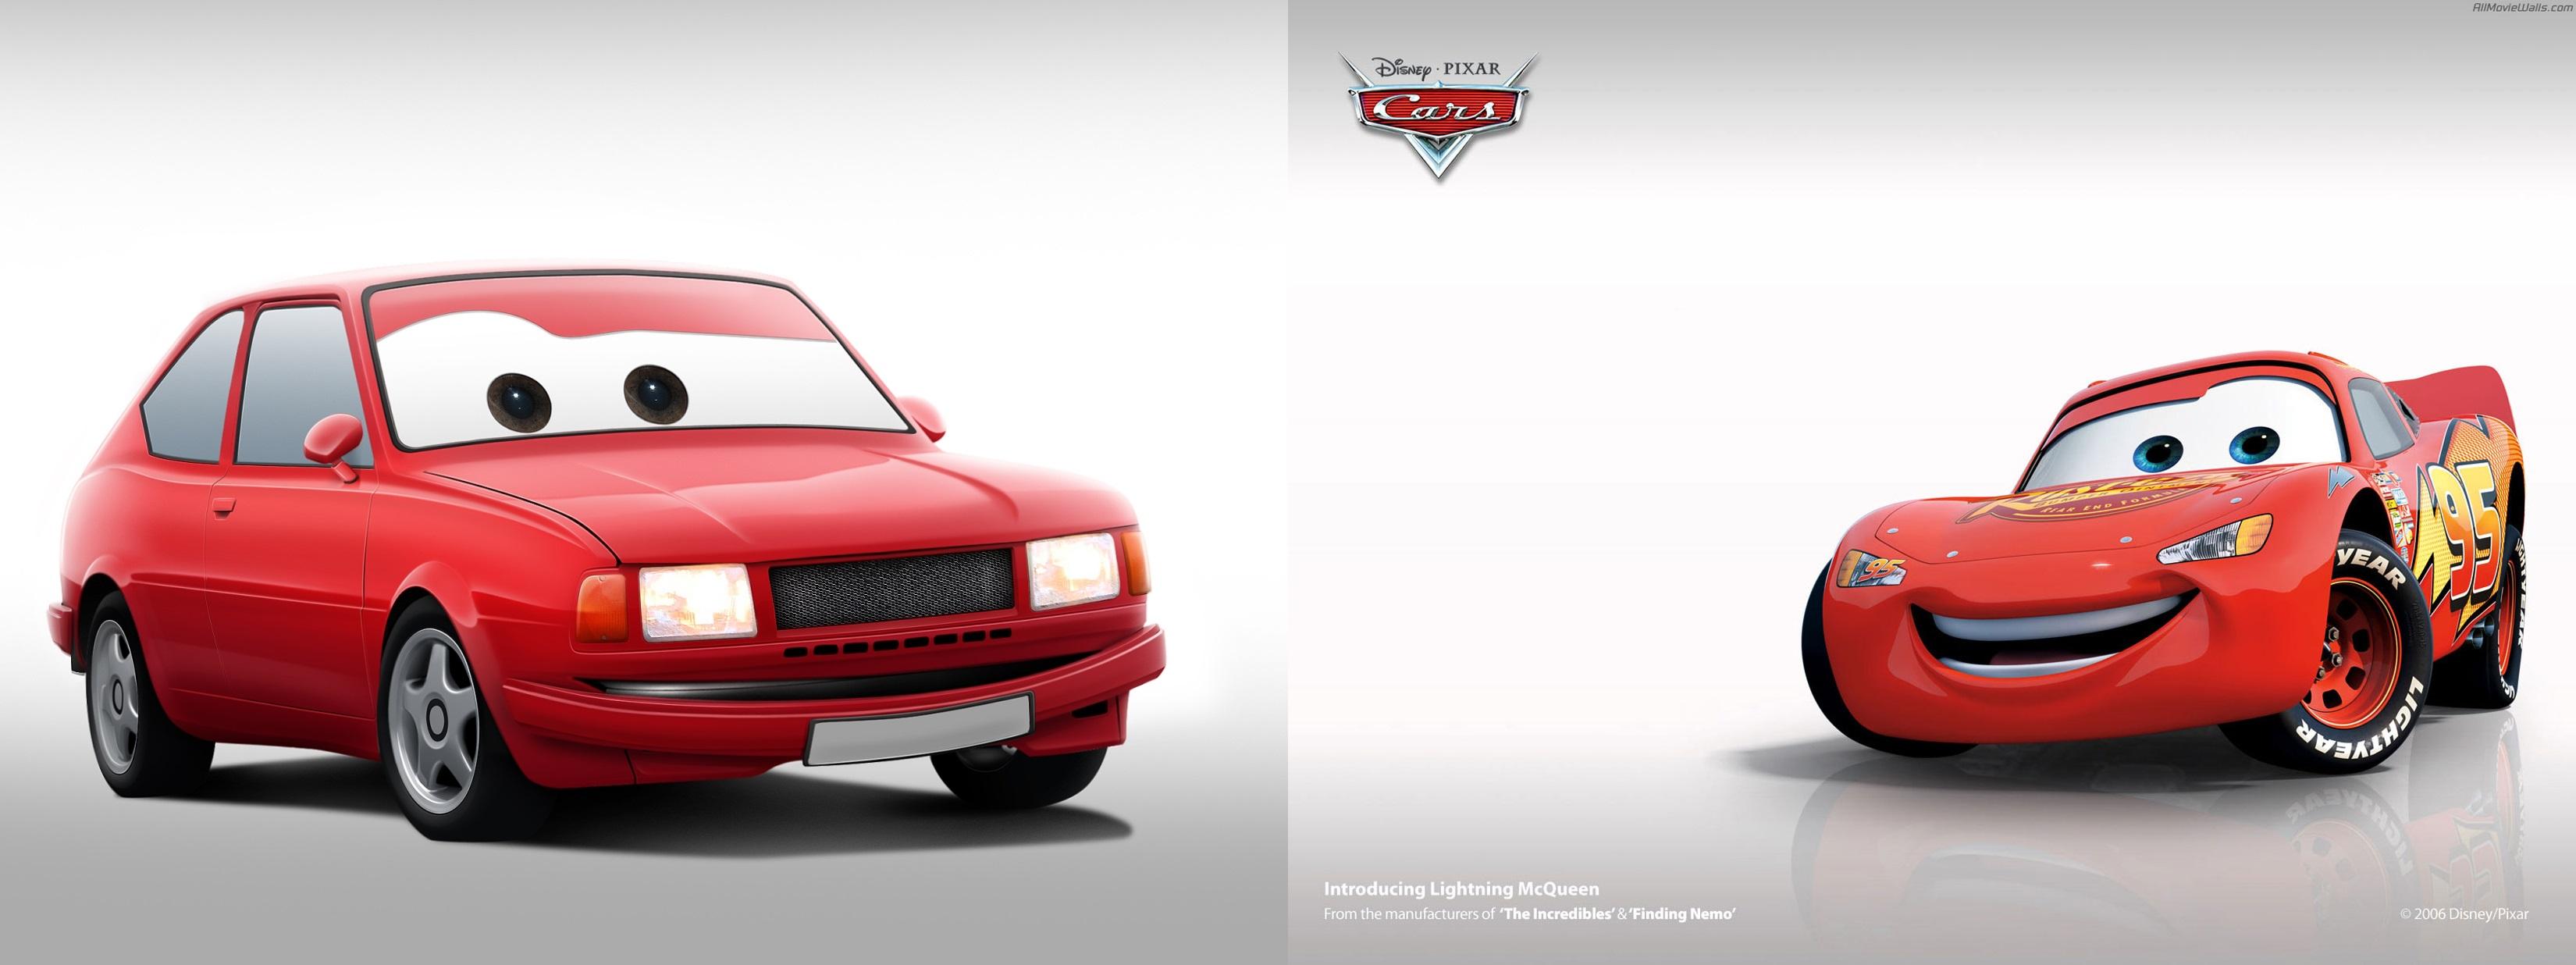 skodovky-disney-pixar-skoda-rapid-vs-auta-cars-mcqueen